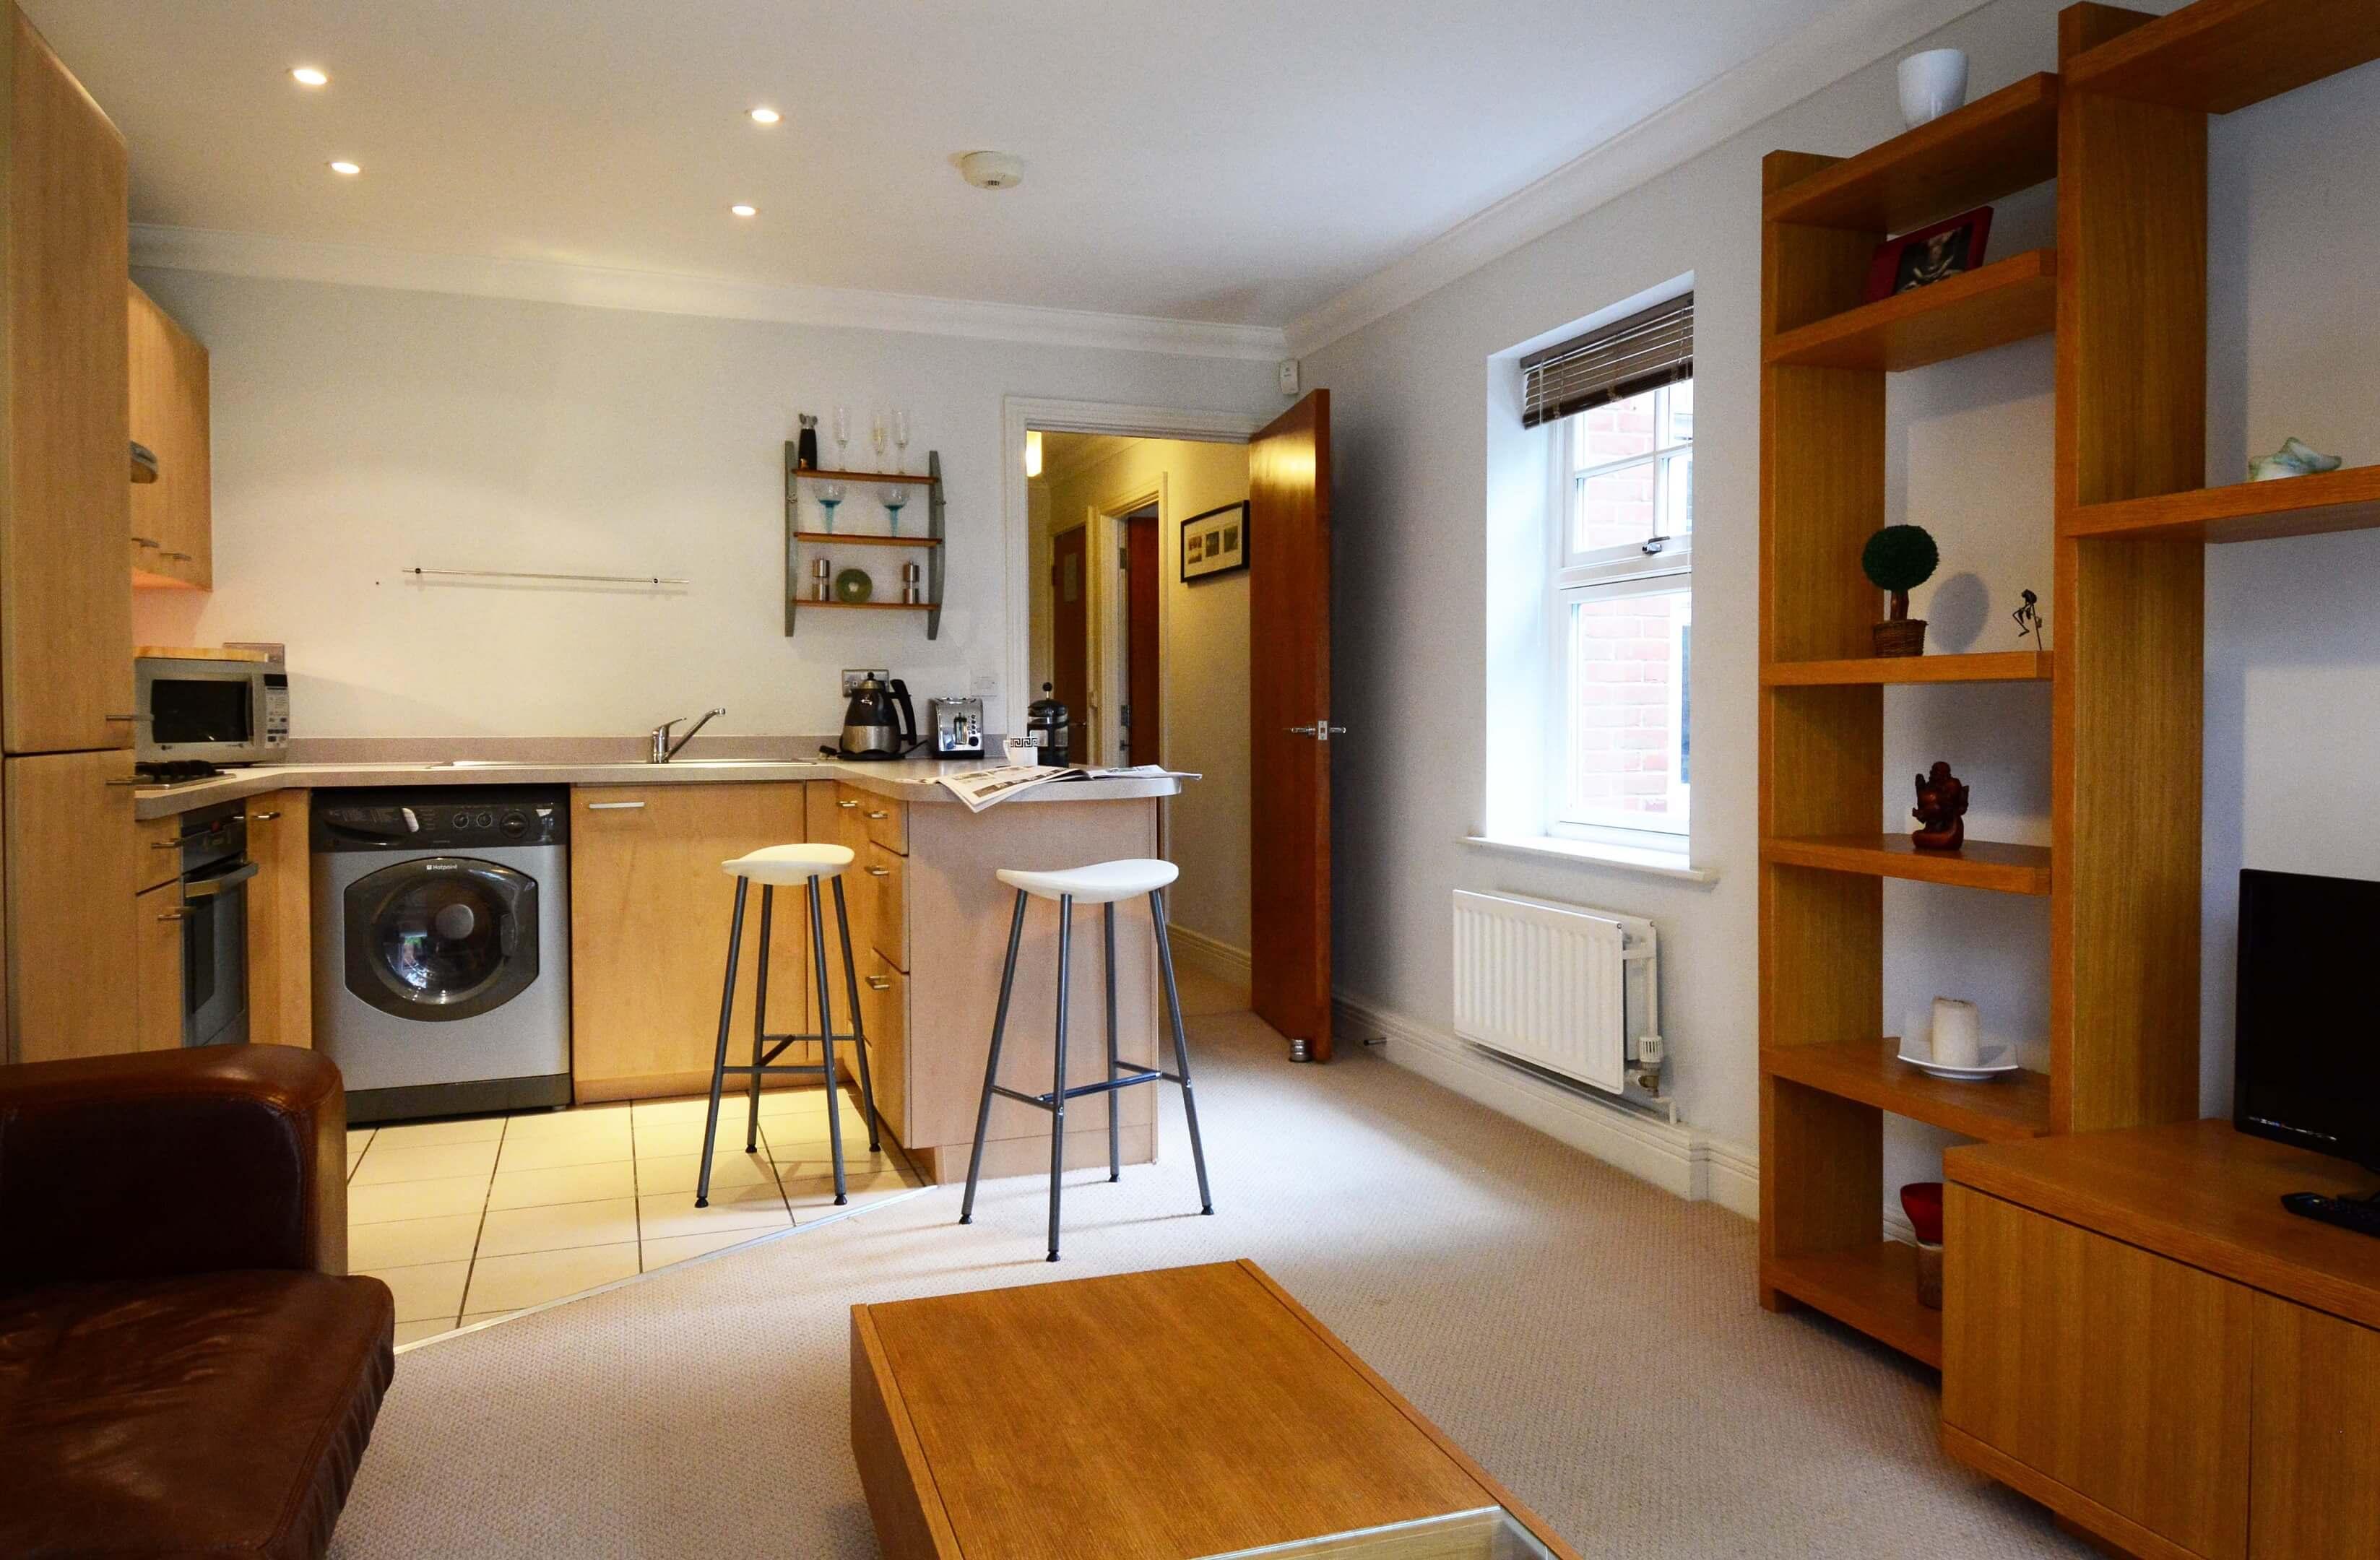 Oxford One Bedroom Elizabeth Jennings Way Kitchen 3 1